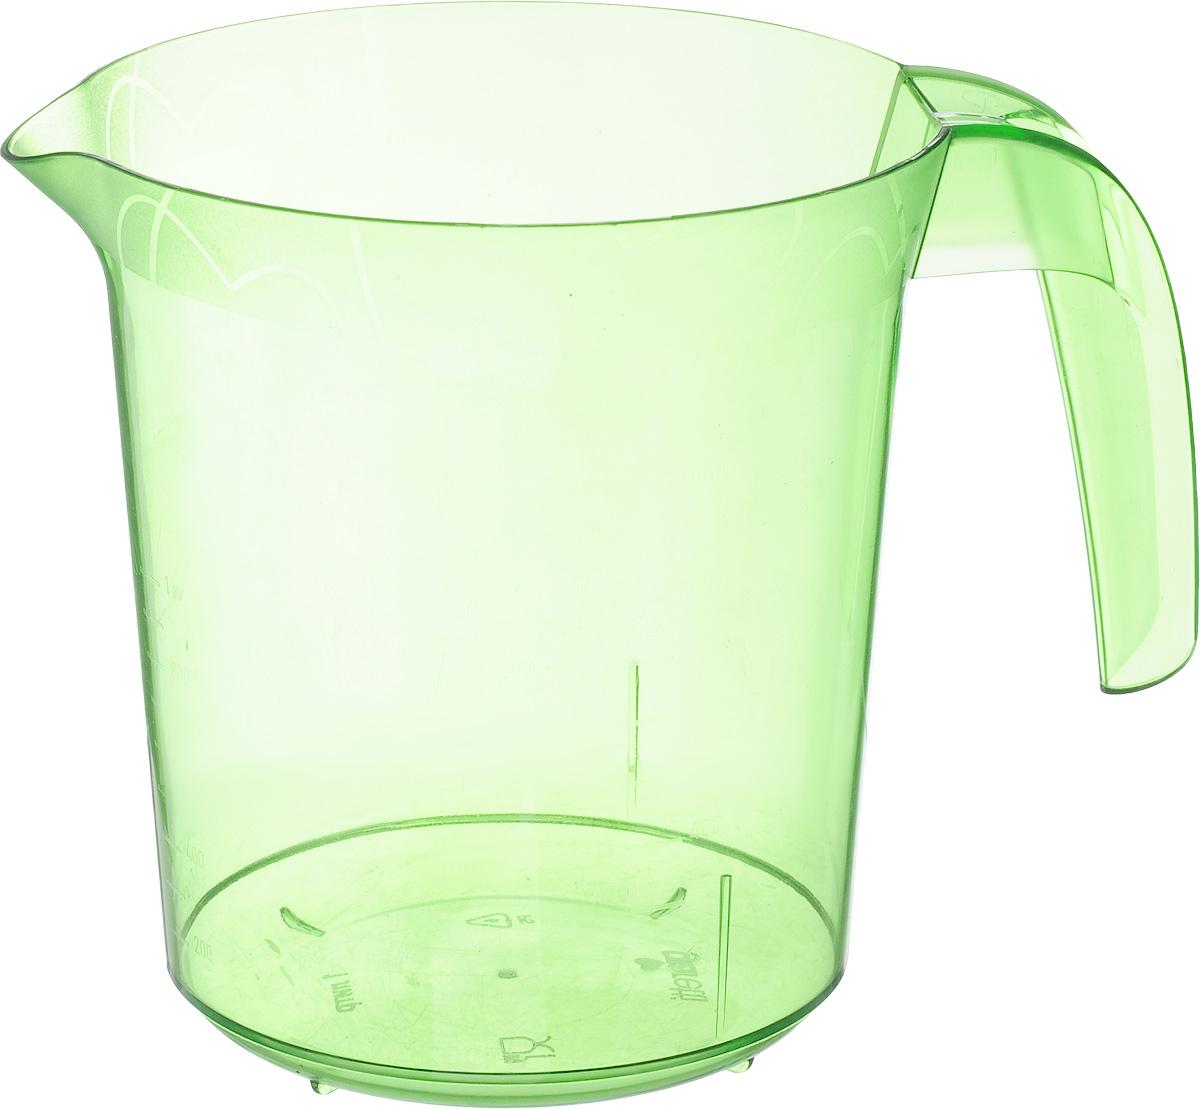 Стакан мерный Giaretti, цвет: зеленый, 1 лGR3056_зеленыйМерный прозрачный стакан Giaretti выполнен из высококачественного пластика. Стакан оснащен удобной ручкой и носиком, которые делают изделие еще более простым в использовании. Он позволяет мерить жидкости до 1 л. Удобная форма стакана позволяет как отмерить необходимое количество продукта, так и взбить/замесить его непосредственно в прямо в этой же емкости.Такой стаканчик пригодится каждой хозяйке на кухне, ведь зачастую приготовление некоторых блюд требует известной точности.Объем: 1 л.Диаметр (по верхнему краю): 13,5 см.Высота: 15 см.